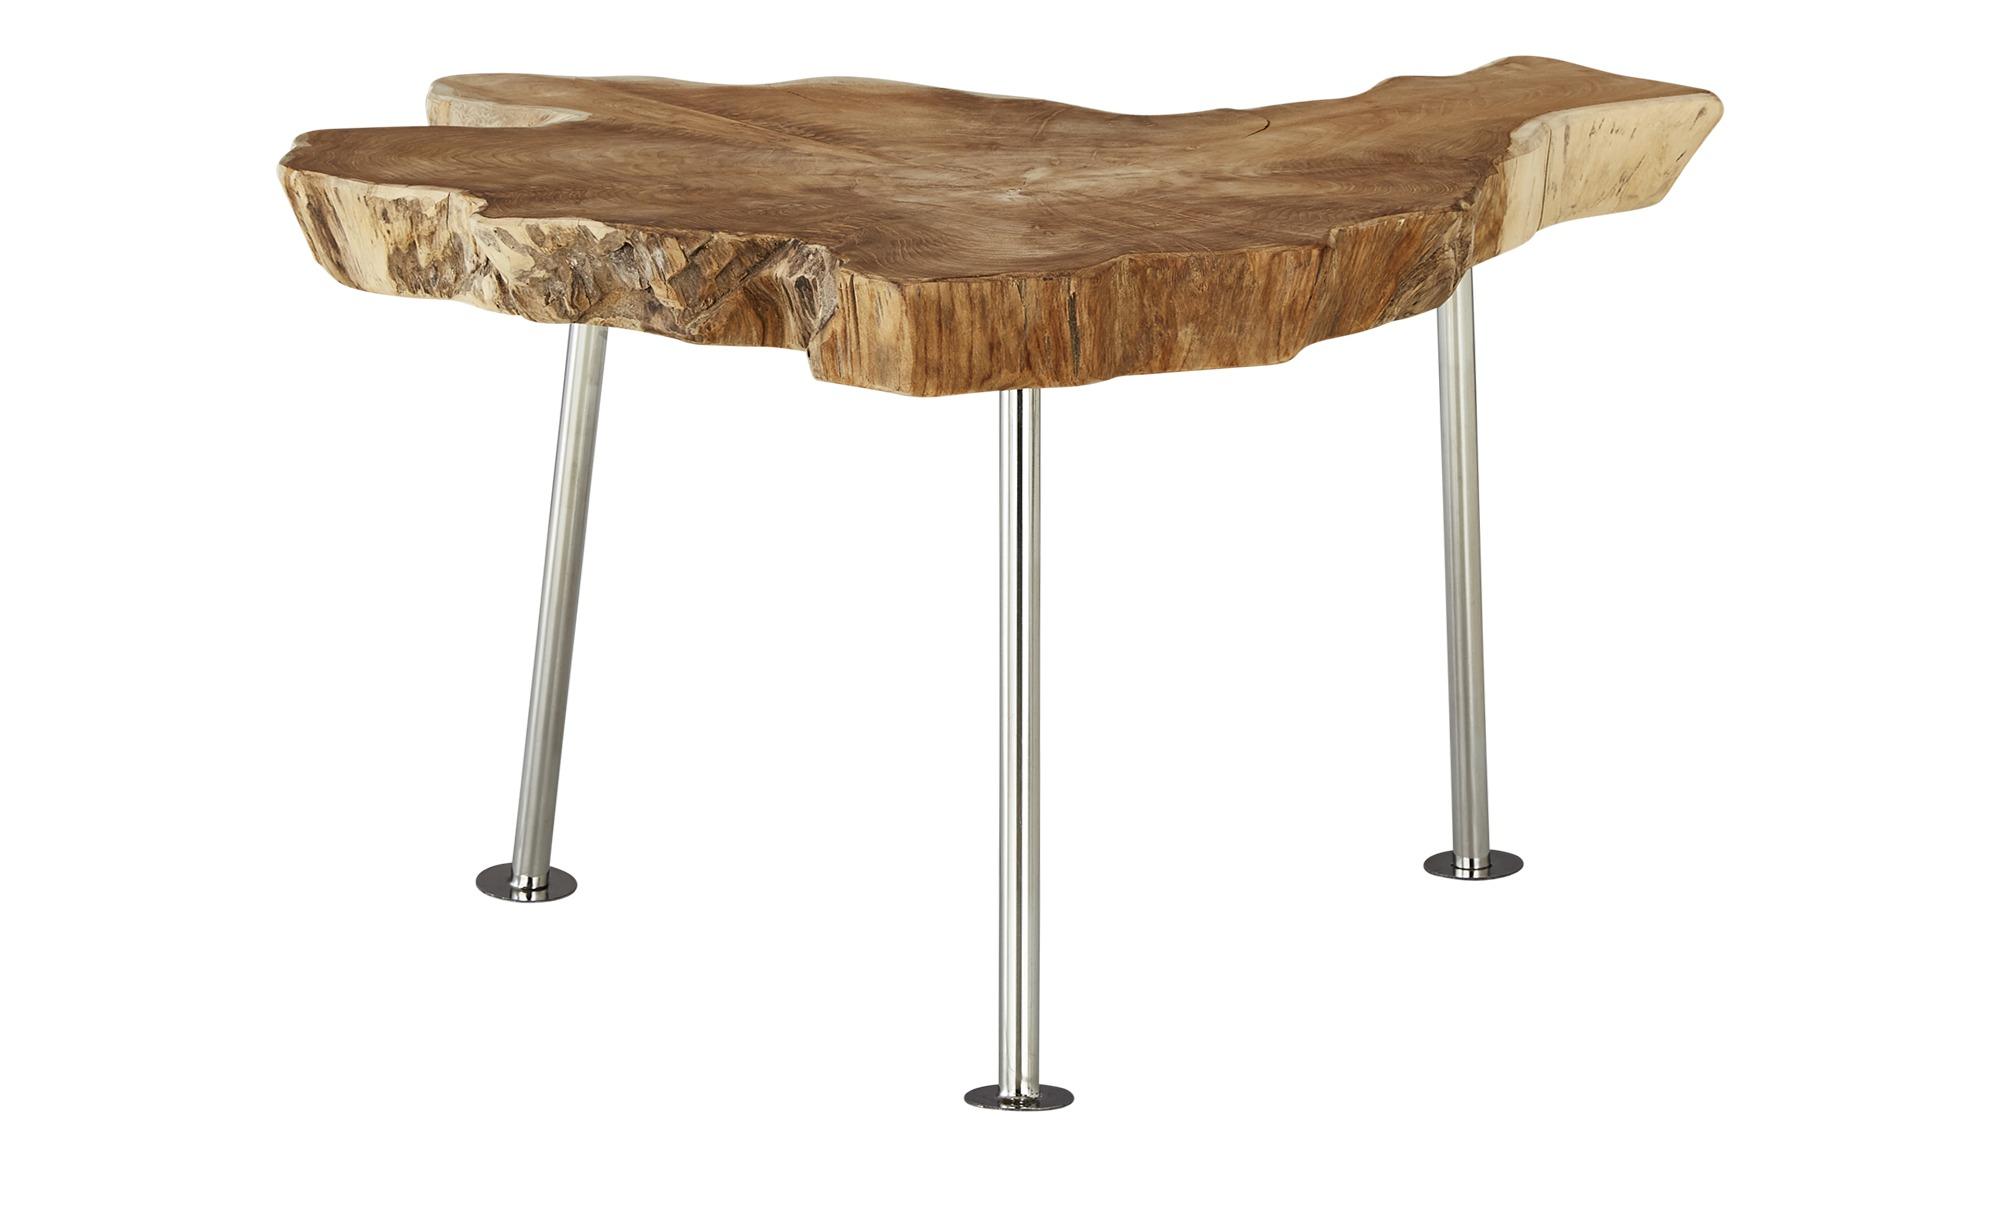 Couchtisch  Wood-S ¦ Maße (cm): H: 50 Ø: [65.0] Tische > Couchtische > Couchtisch Massivholz - Höffner